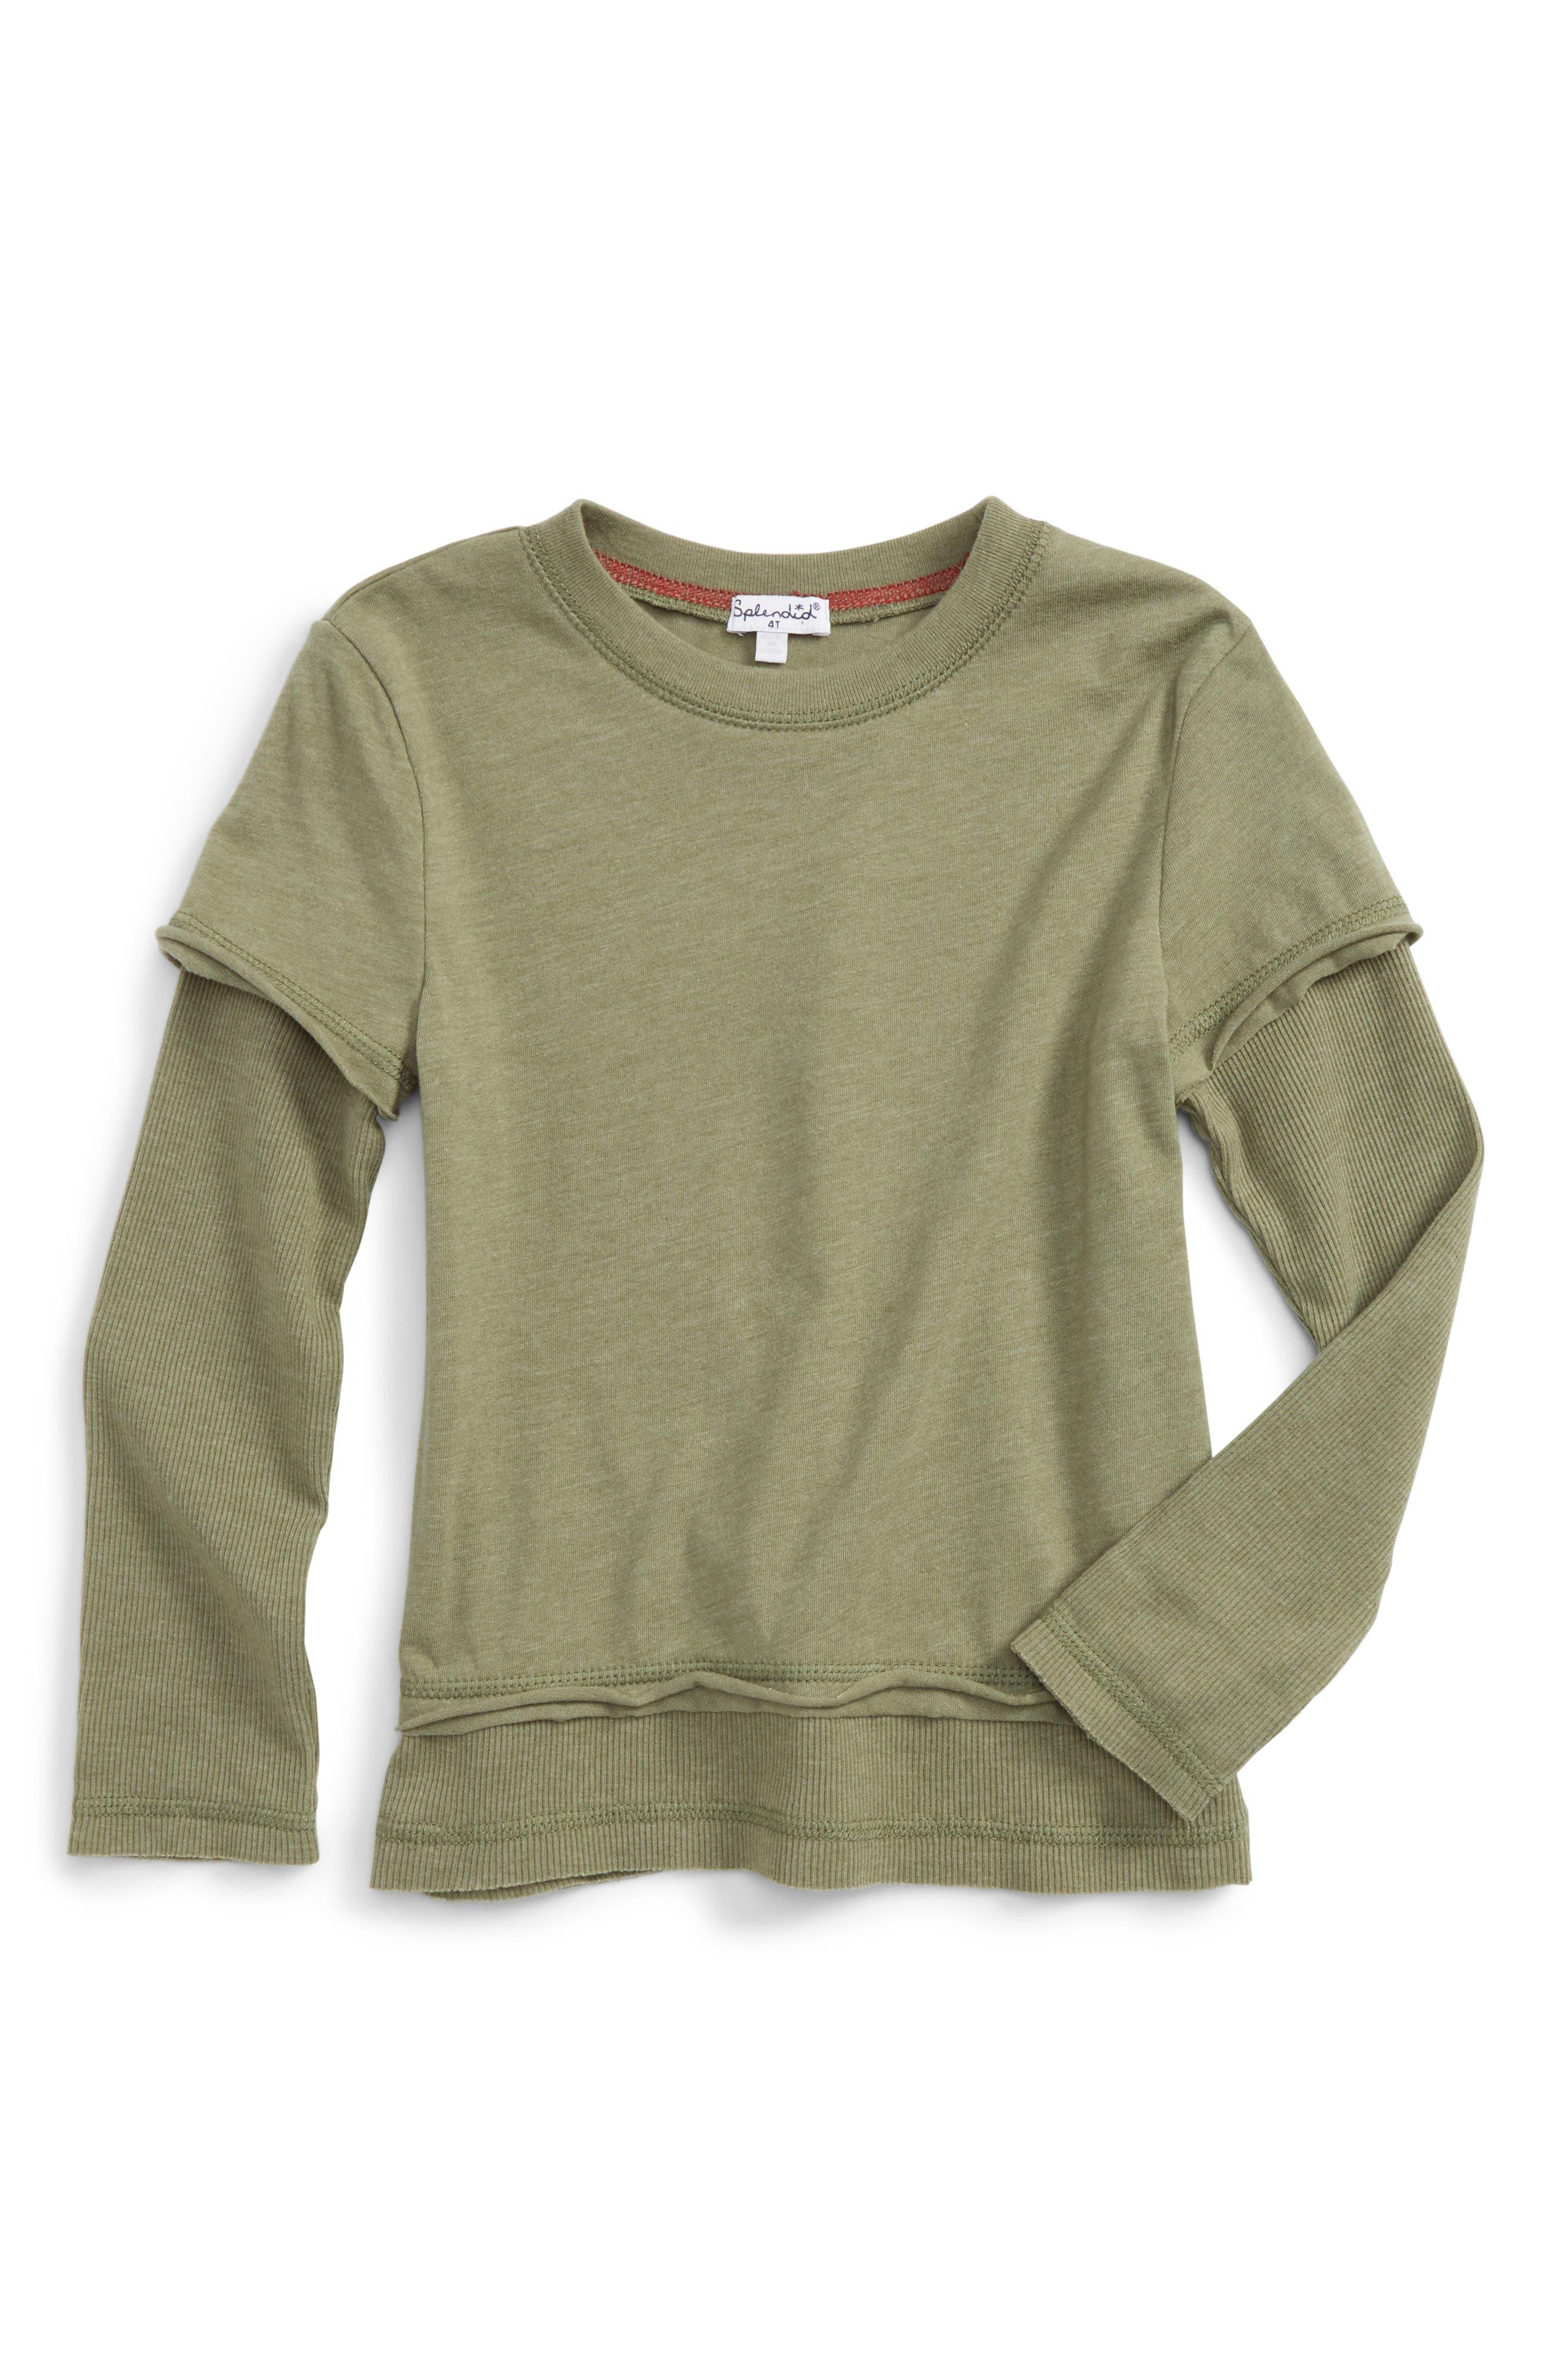 Splendid Layered T-Shirt (Toddler Boys & Little Boys)